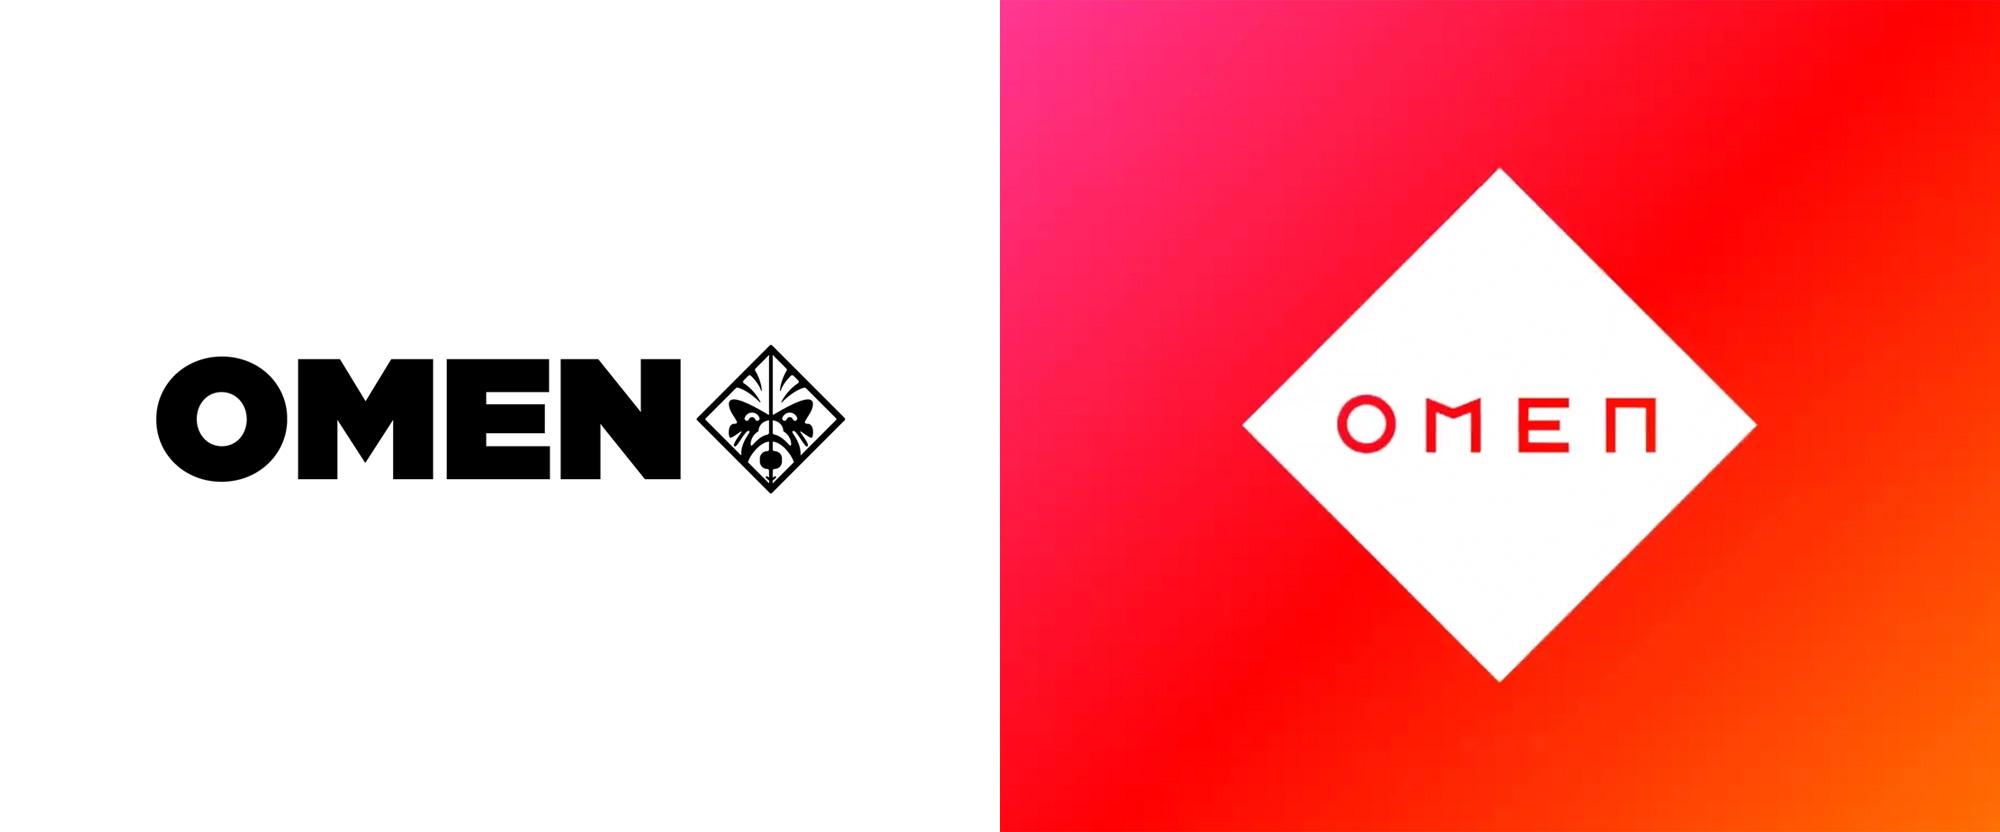 New Logo for HP Omen